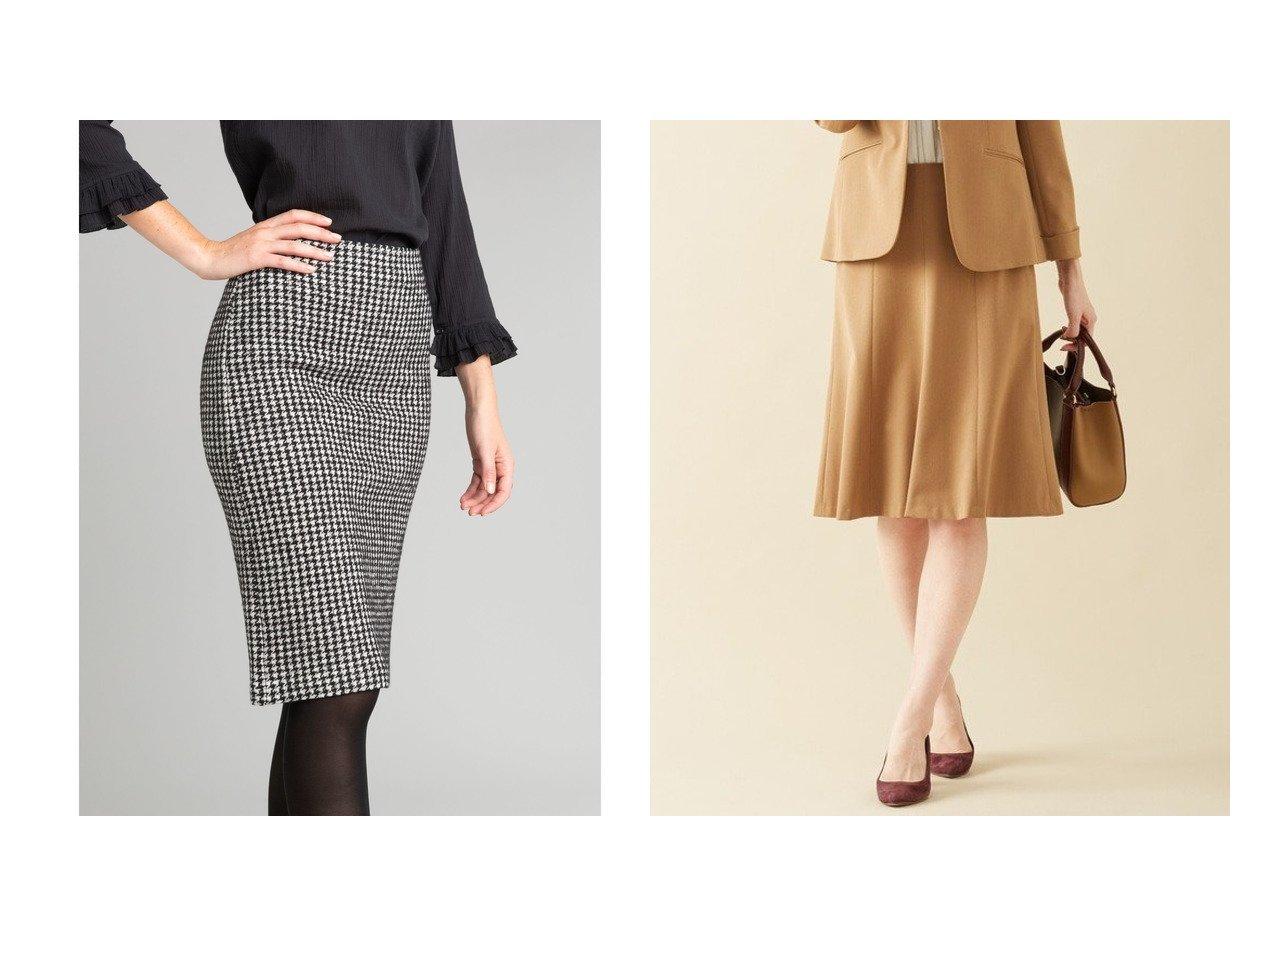 【J.PRESS/ジェイ プレス】の【スーツ対応】Rアルガンシルク スカート&【agnes b. FEMME/アニエスベー ファム】のJGB8 JUPE ハウンドトゥースミディ丈スカート ボトムスのおすすめ!人気、トレンド・レディースファッションの通販 おすすめで人気の流行・トレンド、ファッションの通販商品 メンズファッション・キッズファッション・インテリア・家具・レディースファッション・服の通販 founy(ファニー) https://founy.com/ ファッション Fashion レディースファッション WOMEN スカート Skirt スーツ Suits スーツ スカート Skirt NEW・新作・新着・新入荷 New Arrivals ストレート タイトスカート ハウンドトゥース 送料無料 Free Shipping シンプル ストレッチ スーツ セットアップ フレア ベーシック |ID:crp329100000014301